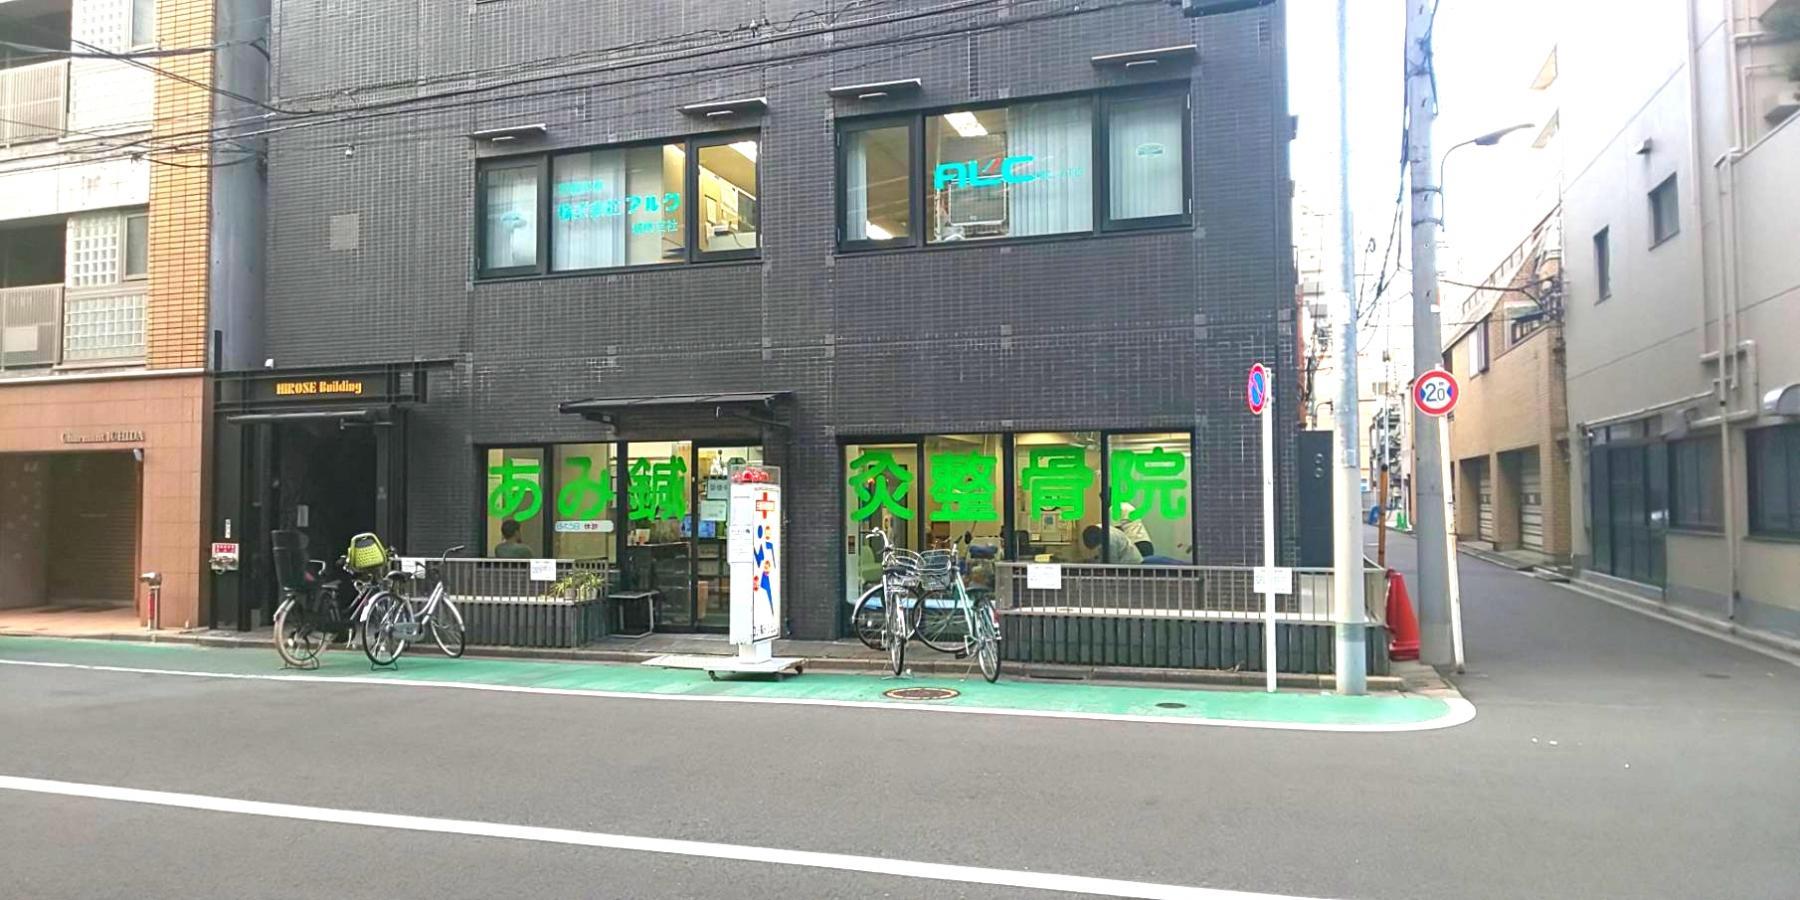 墨田区錦糸 あみ鍼灸整骨院